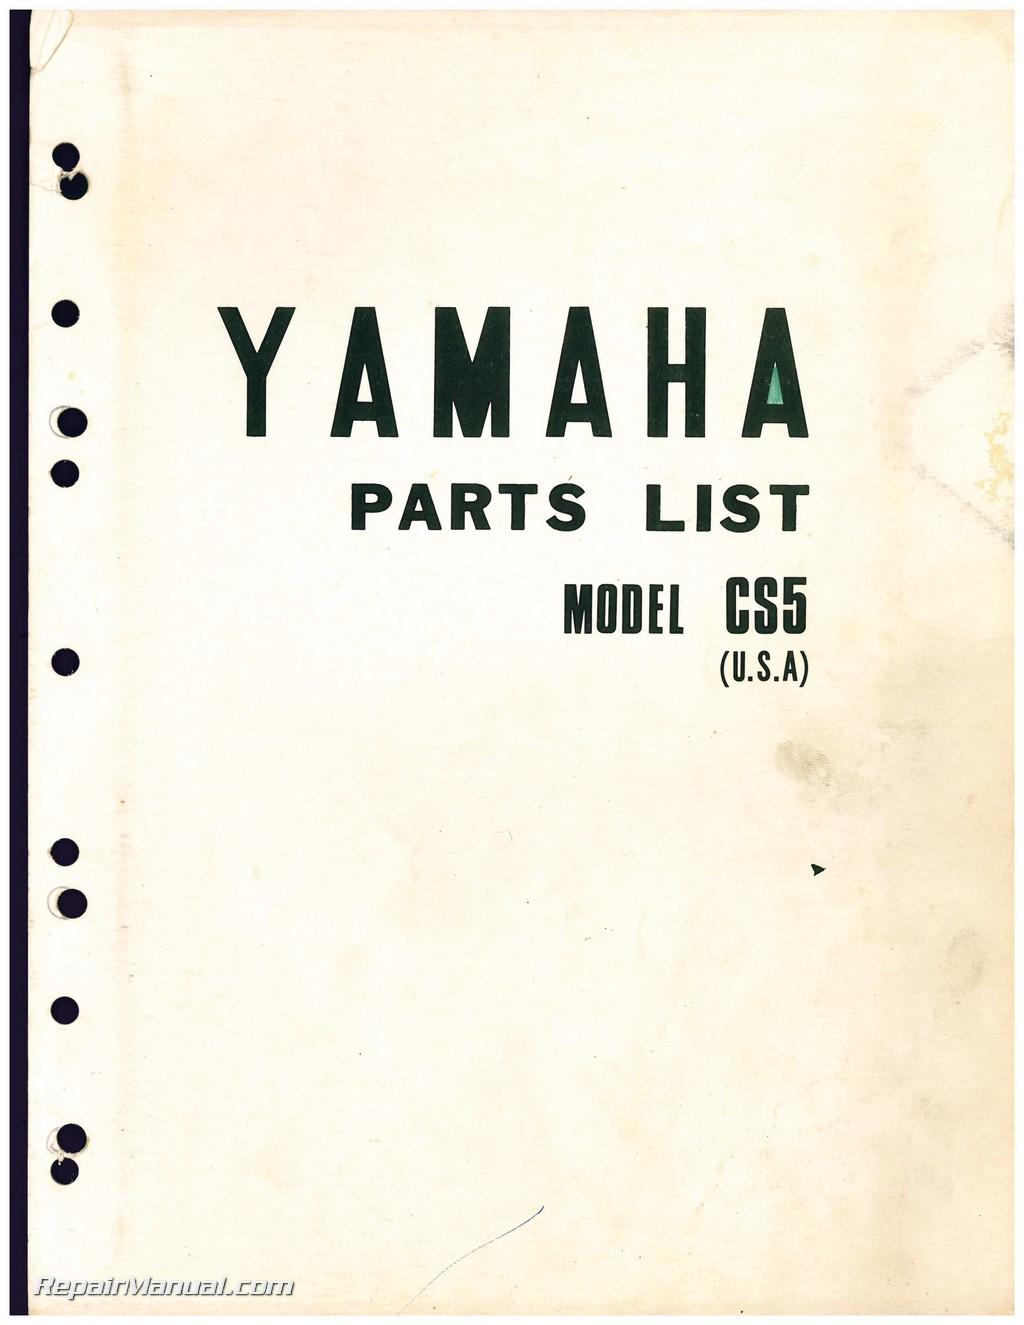 Used 1972 Yamaha CS5 (200cc) Motorcycle Parts Manual